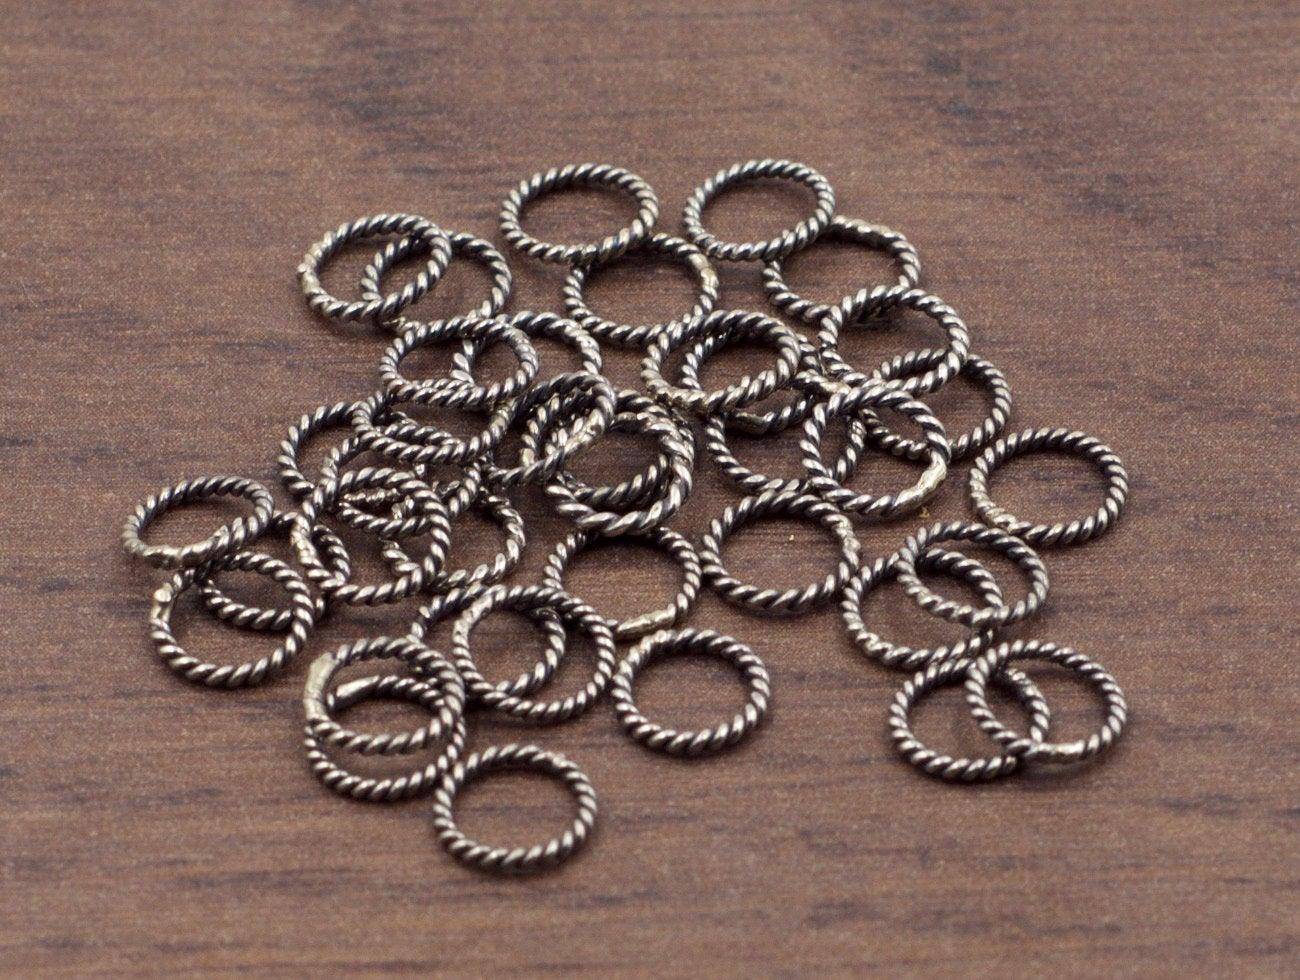 20pcs All Sizes Jumprings-Jewelry Findings-Sterling Silver Findings-Solid Sterling Silver Jump Rings,Jumprings-18 Gauge SKU: 205118